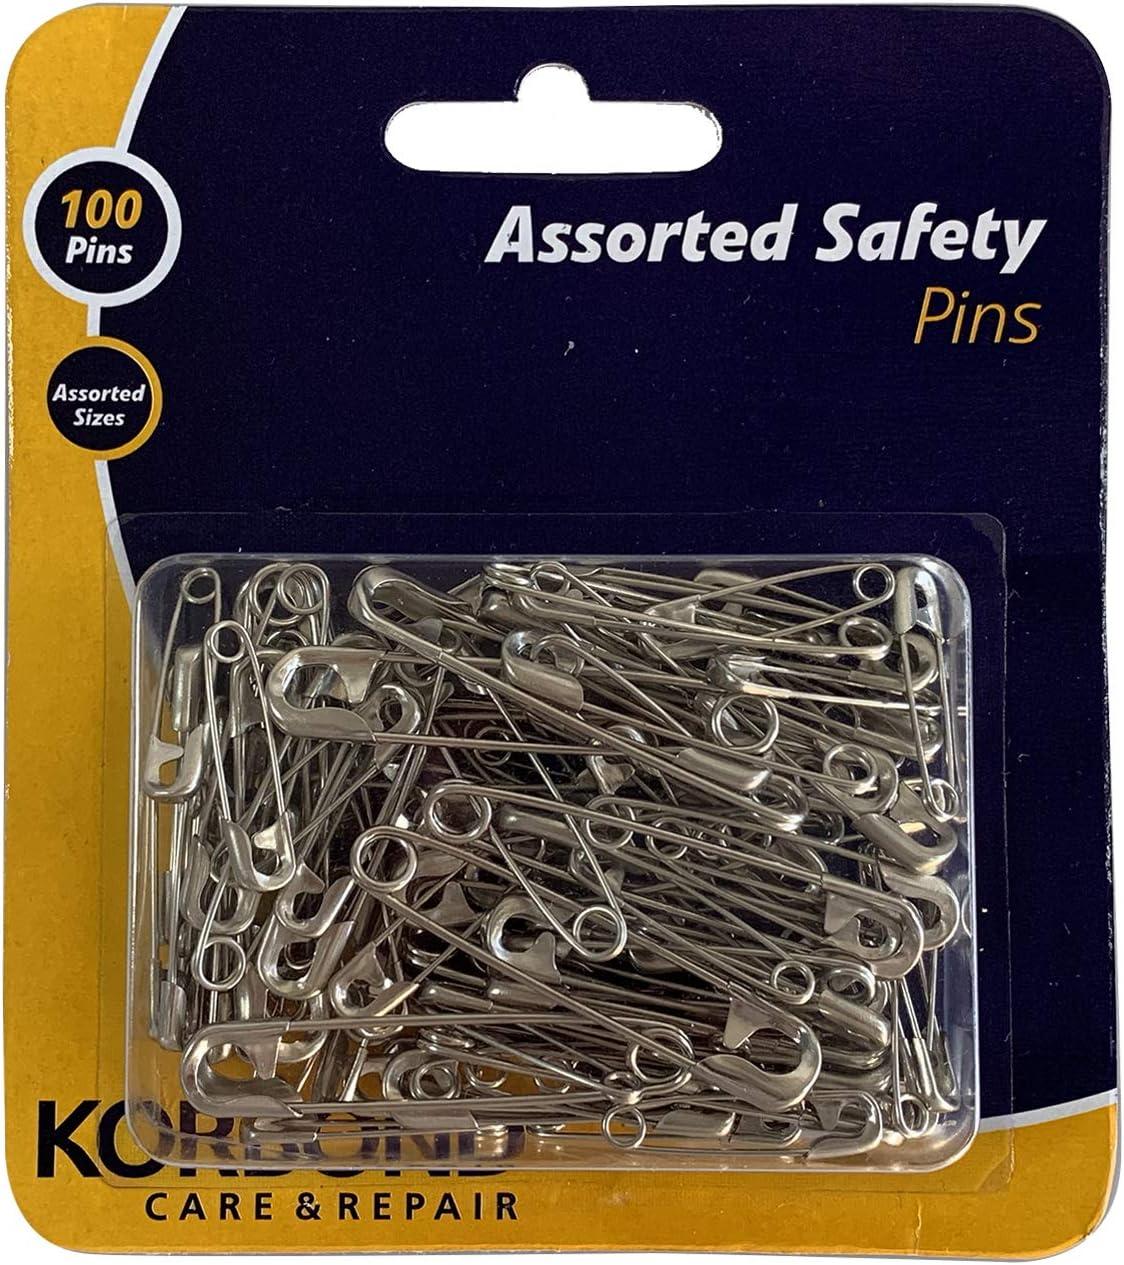 Korbond 2 X 50-Piece Safety Pins